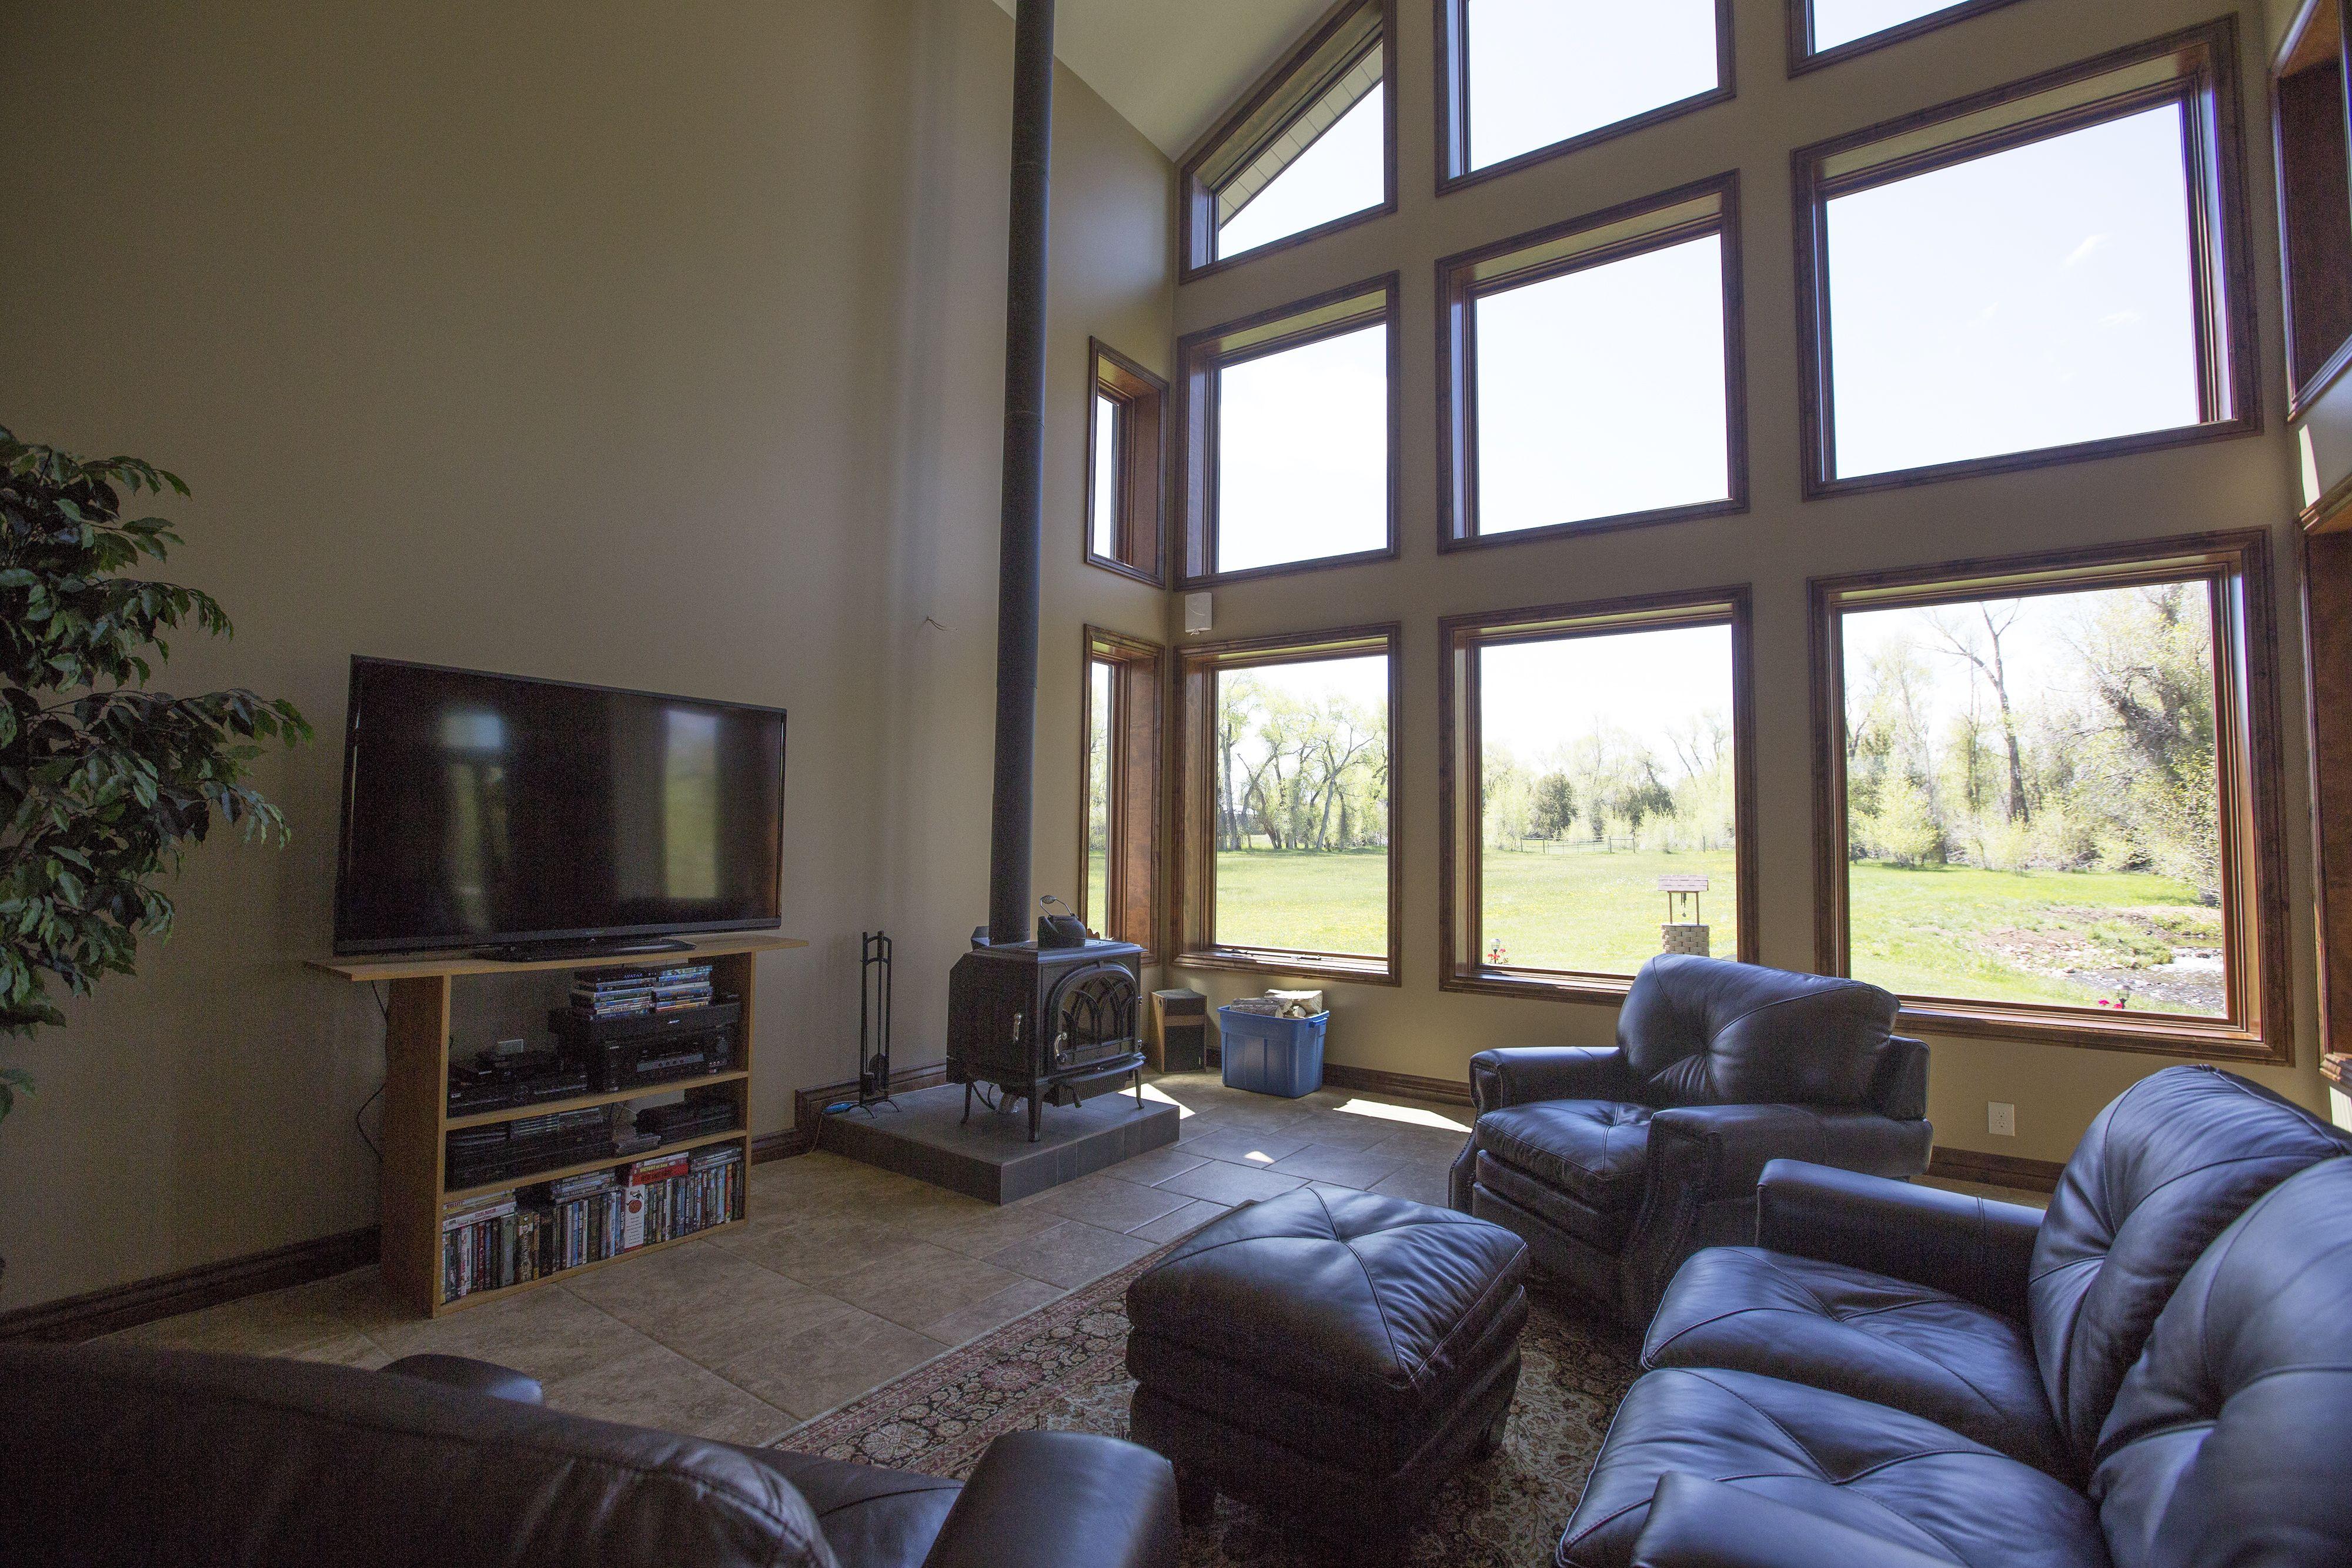 Custom Home Interiors. Custom Home Interiors I - Linkedlifes.com